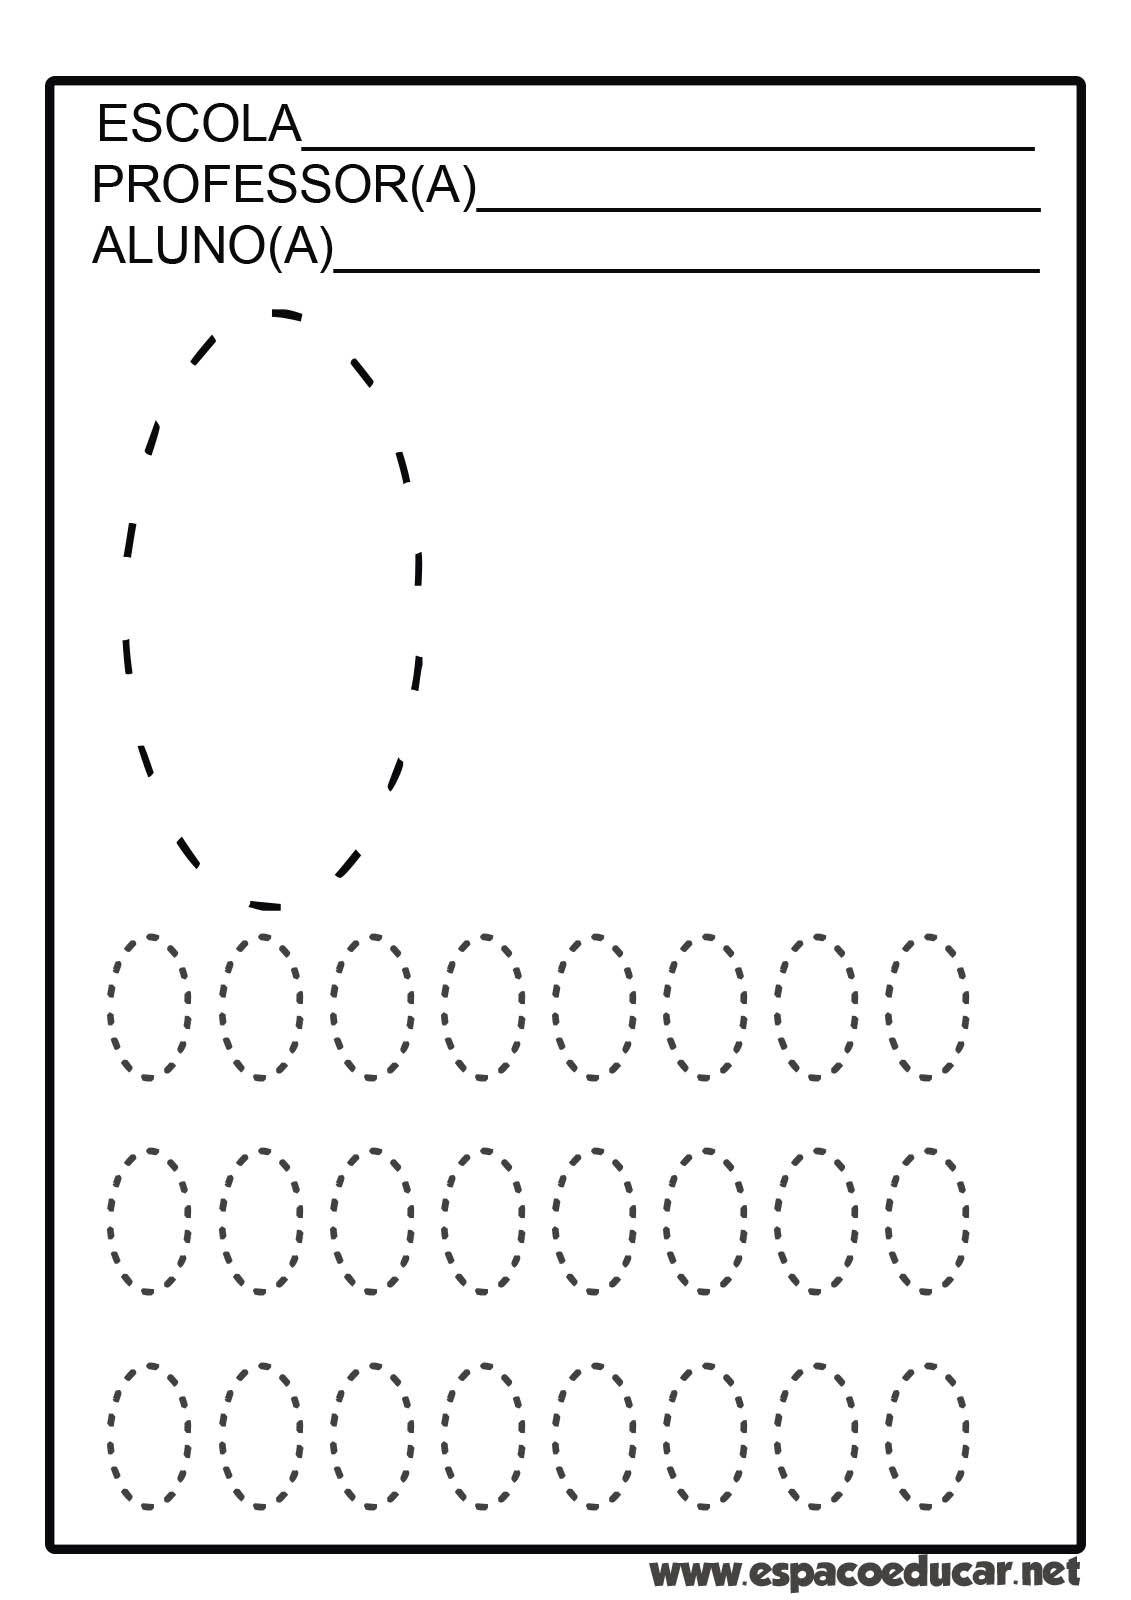 Atividades Com Numerais Tracejados De 0 A 9 Para Coordenacao